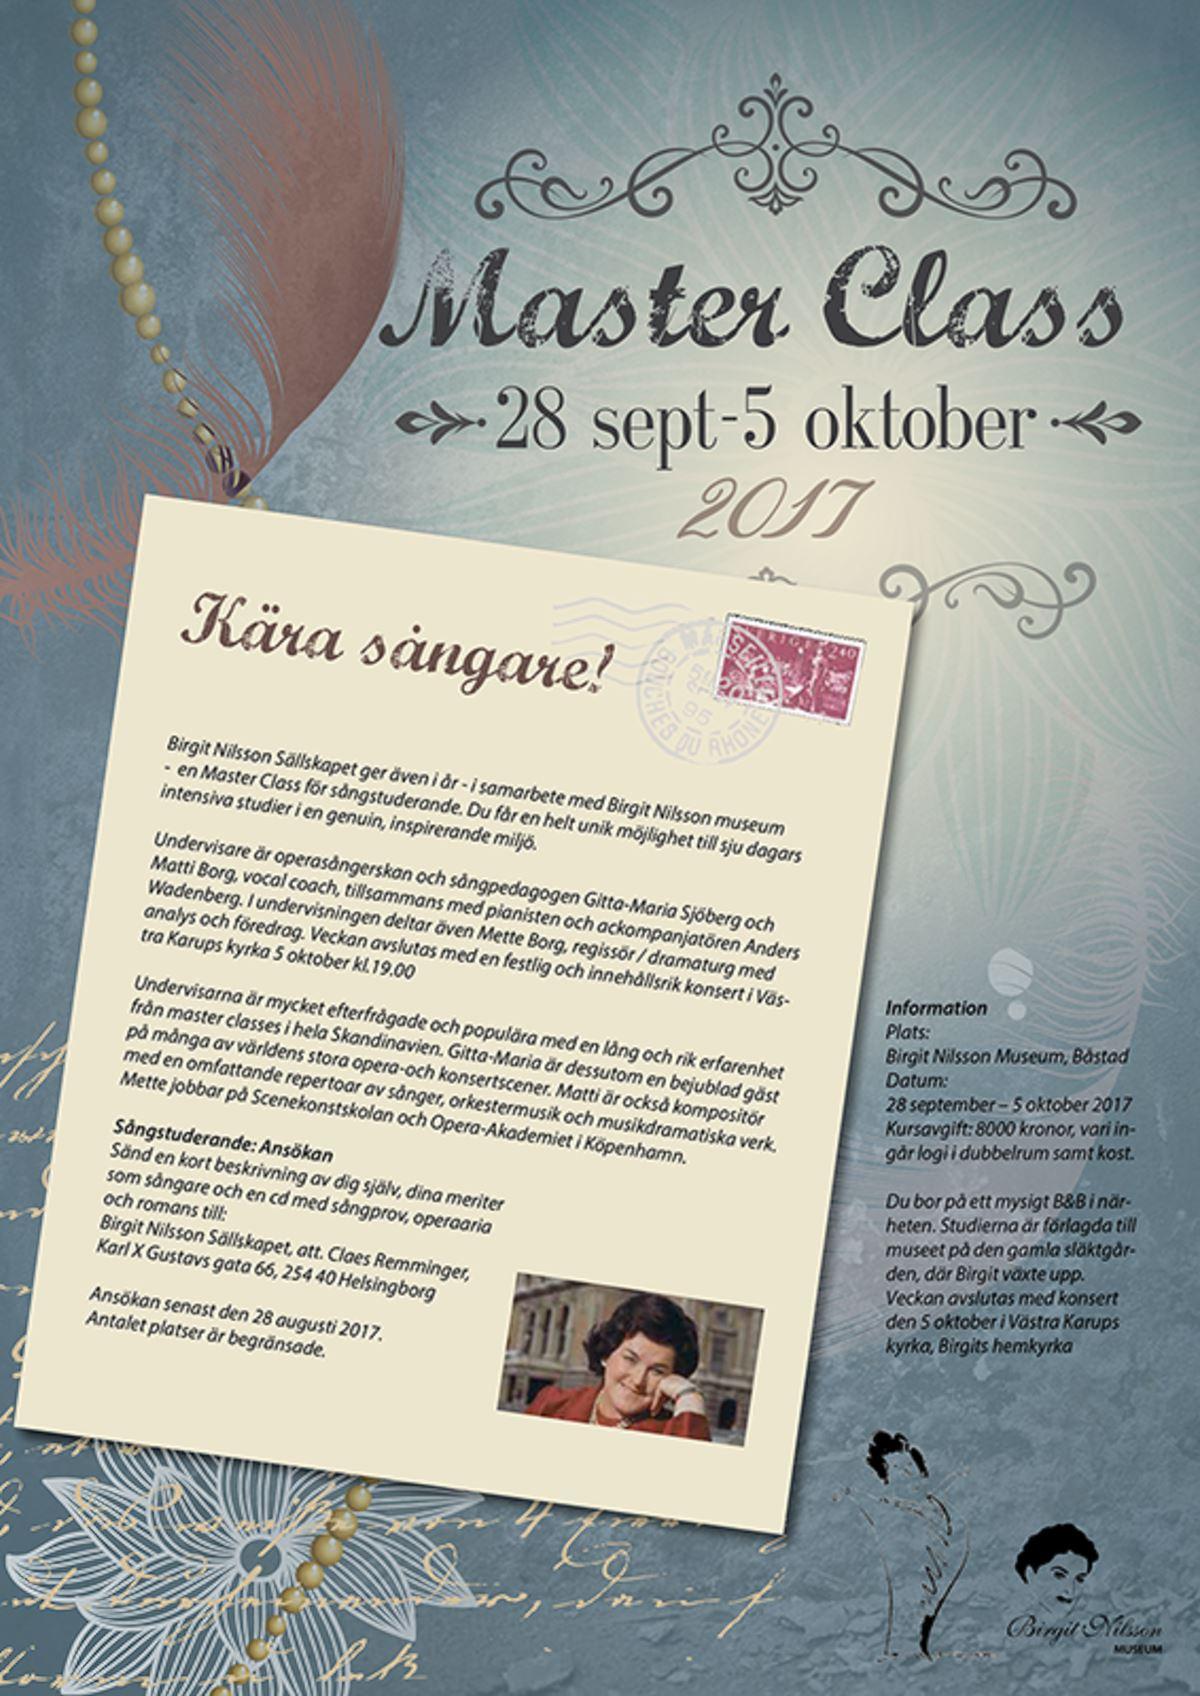 Konsert med Master class sångstudenter från Birgit Nilsson Museum